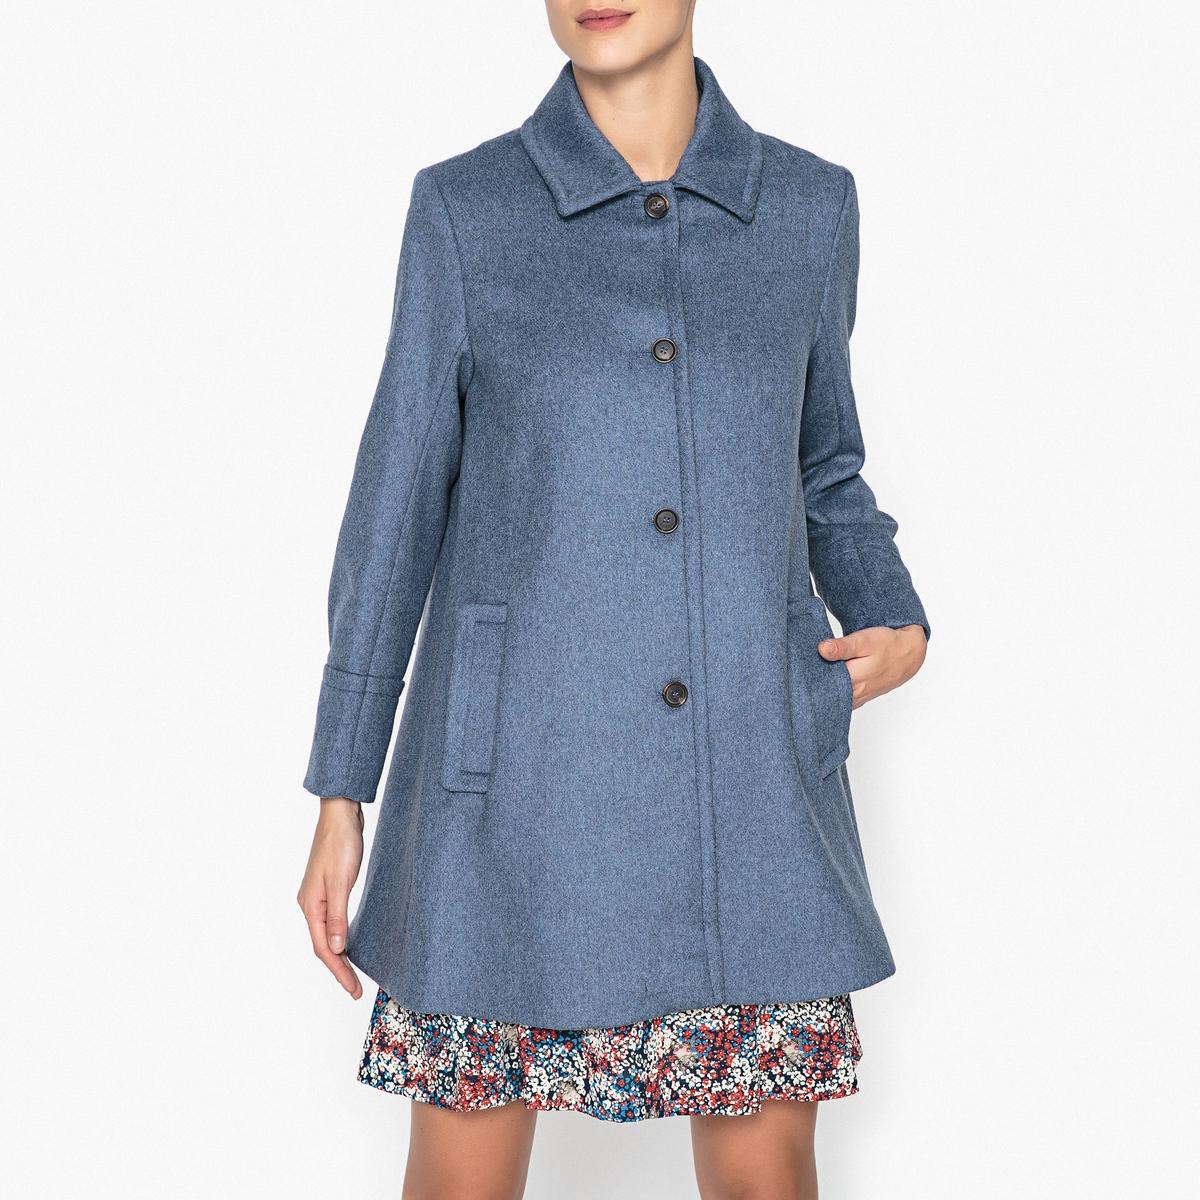 Пальто-трапеция BOURGEOIS пальто фасона трапеция 60% шерсти